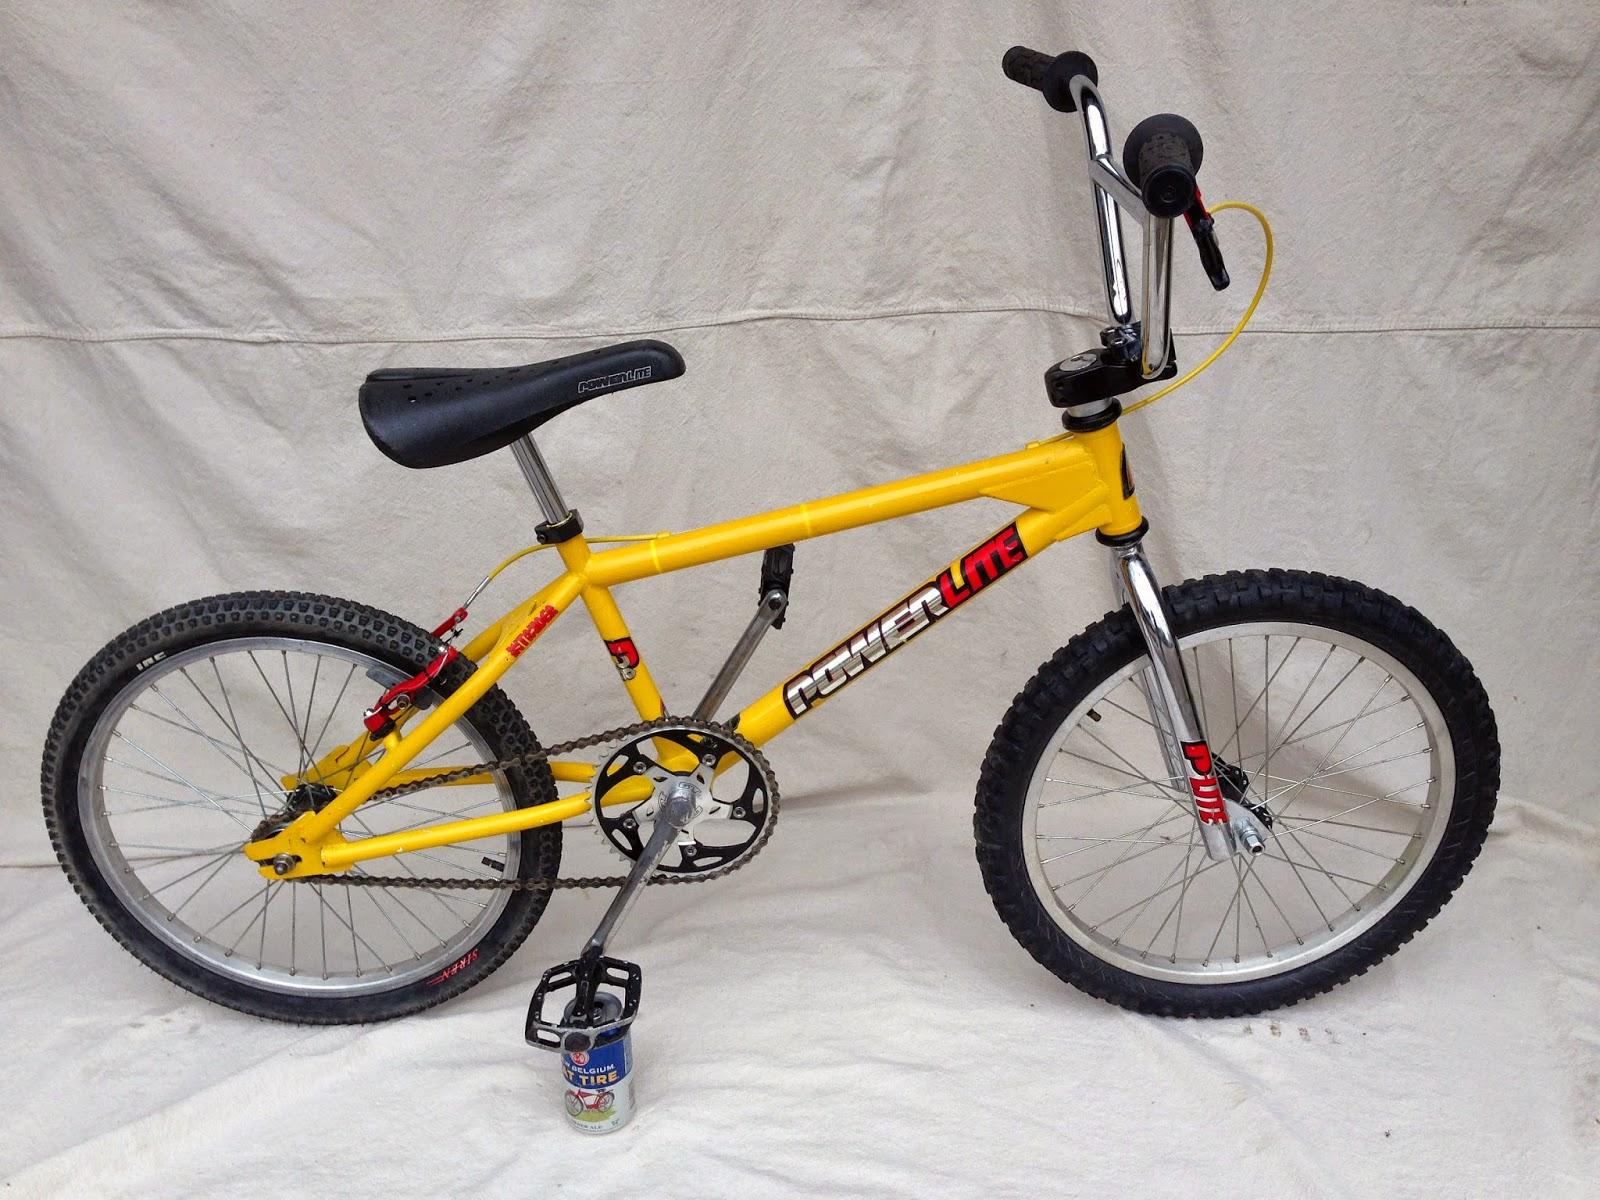 1998 Powerlite Intruder Bmx Whistle Bike Collective